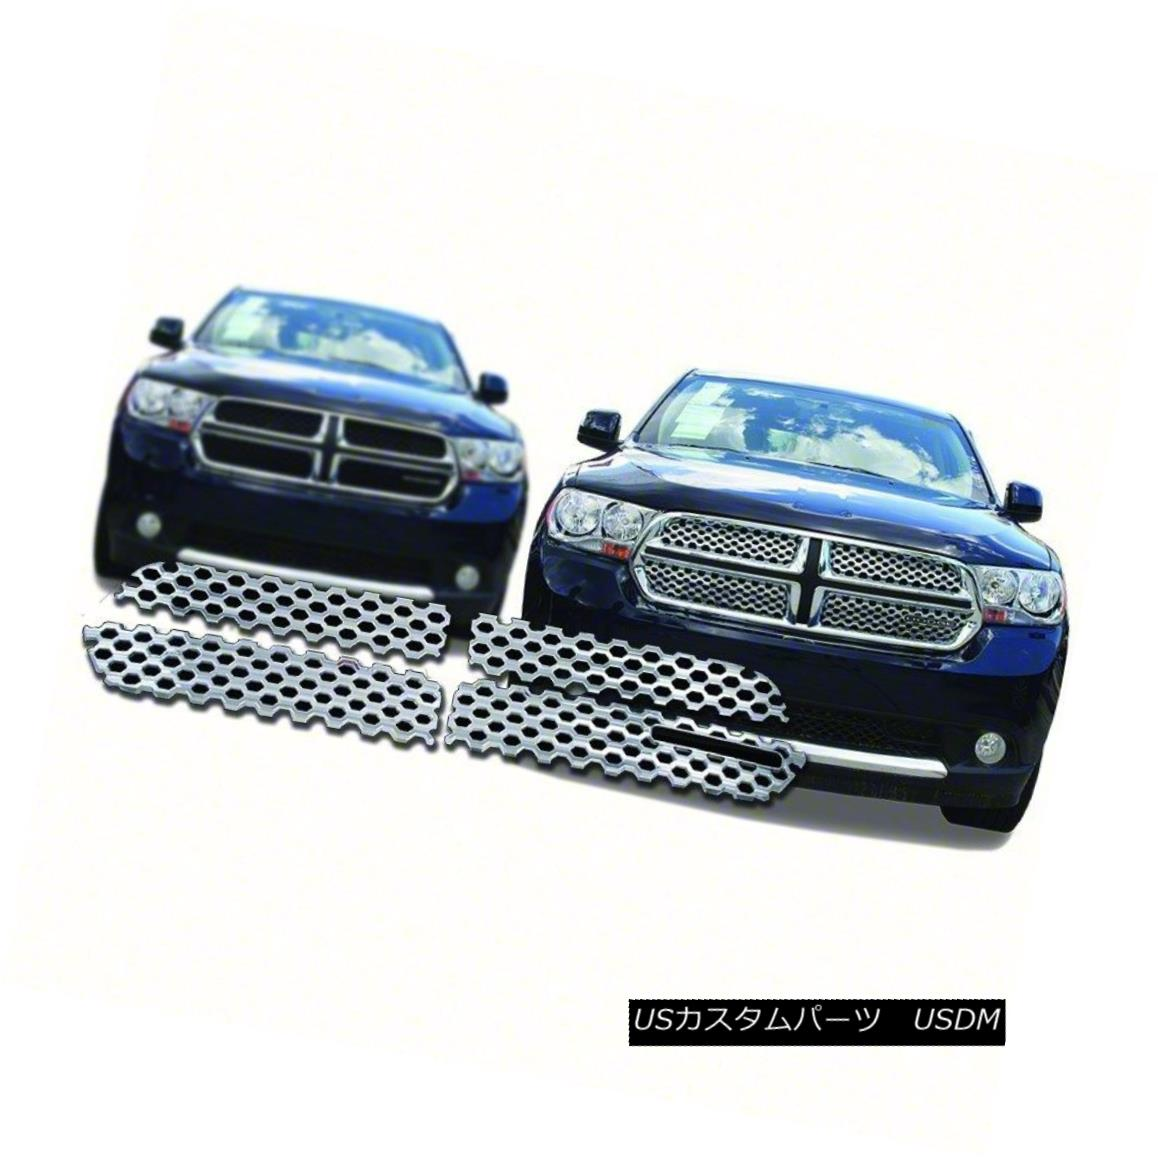 グリル Fits 11-13 Dodge Durango-4pc Chrome Grille Overlay-IWCGI94 11-13 Dodge Durango-4pcクロムグリルオーバーレイ-IWCGI9 4